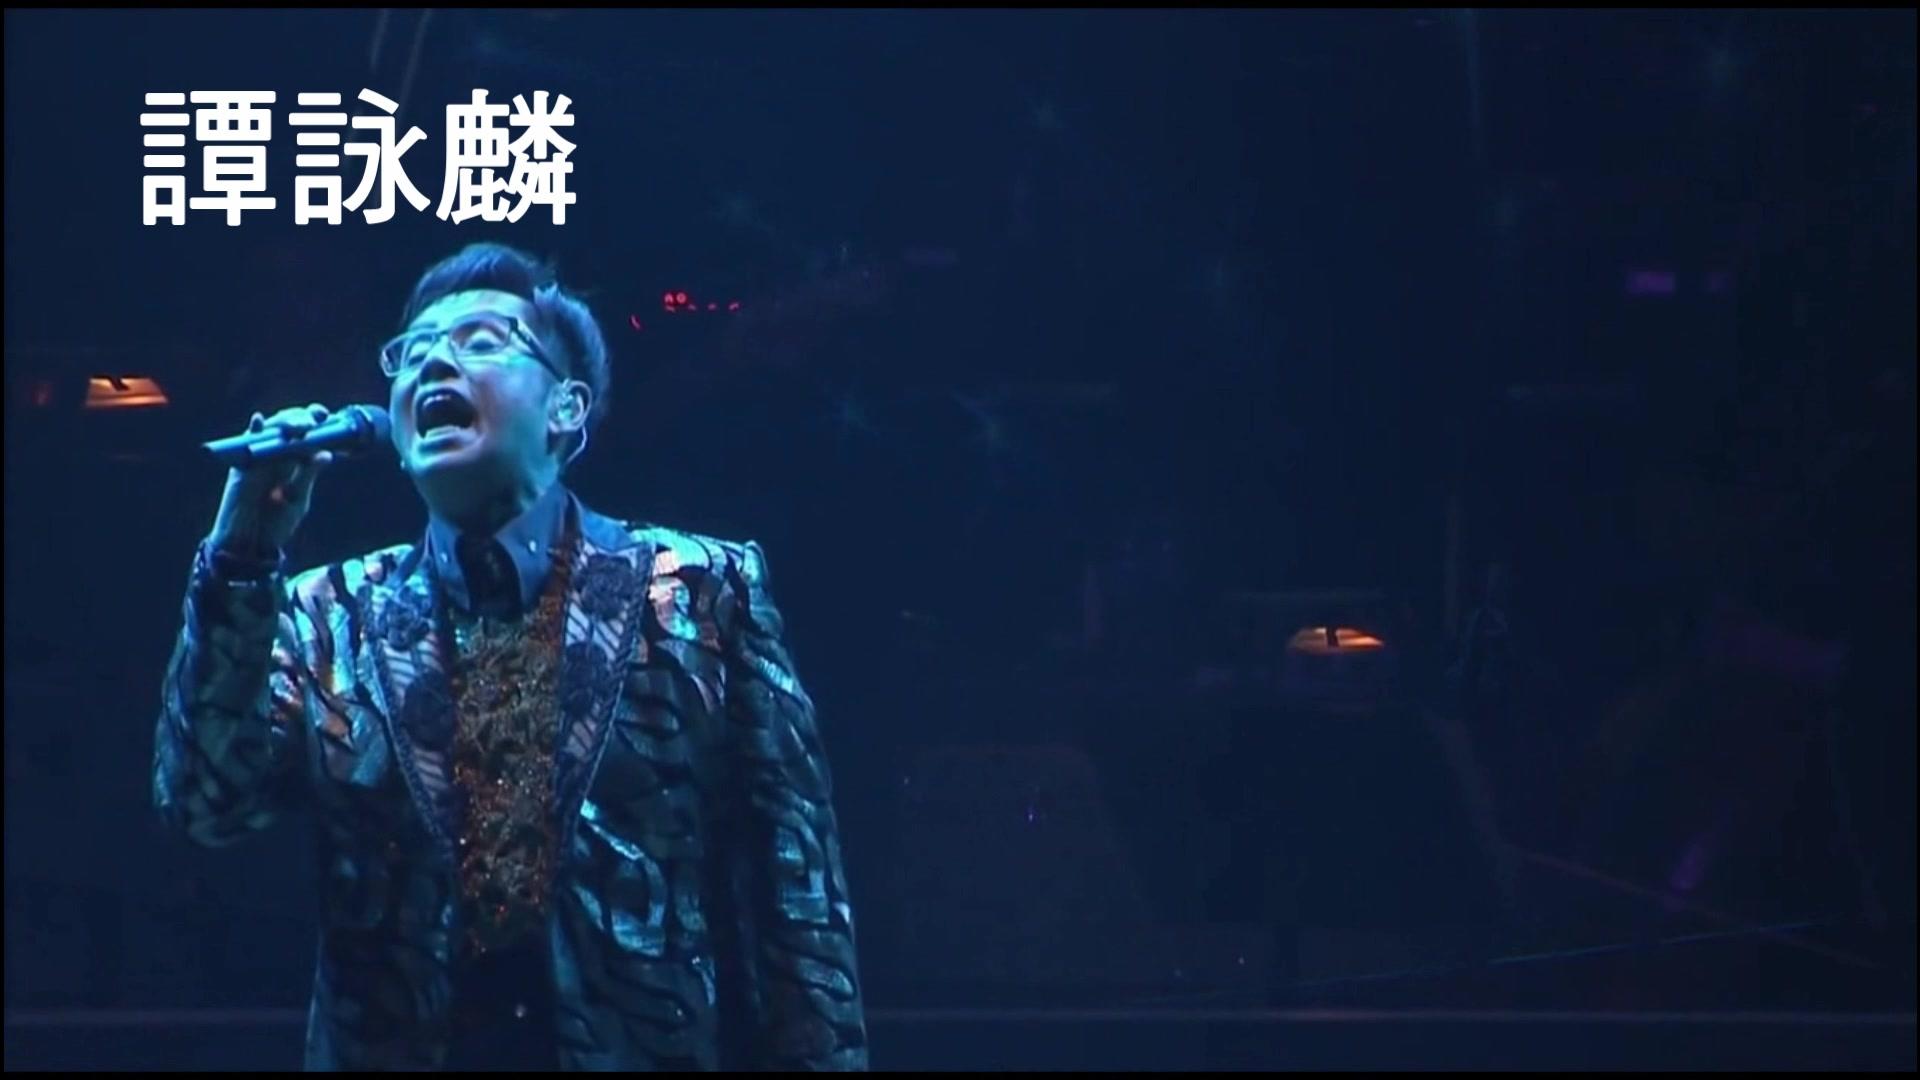 香港男歌手高音現場完整版 A4以上_嗶哩嗶哩 (゜-゜)つロ 干杯~-bilibili